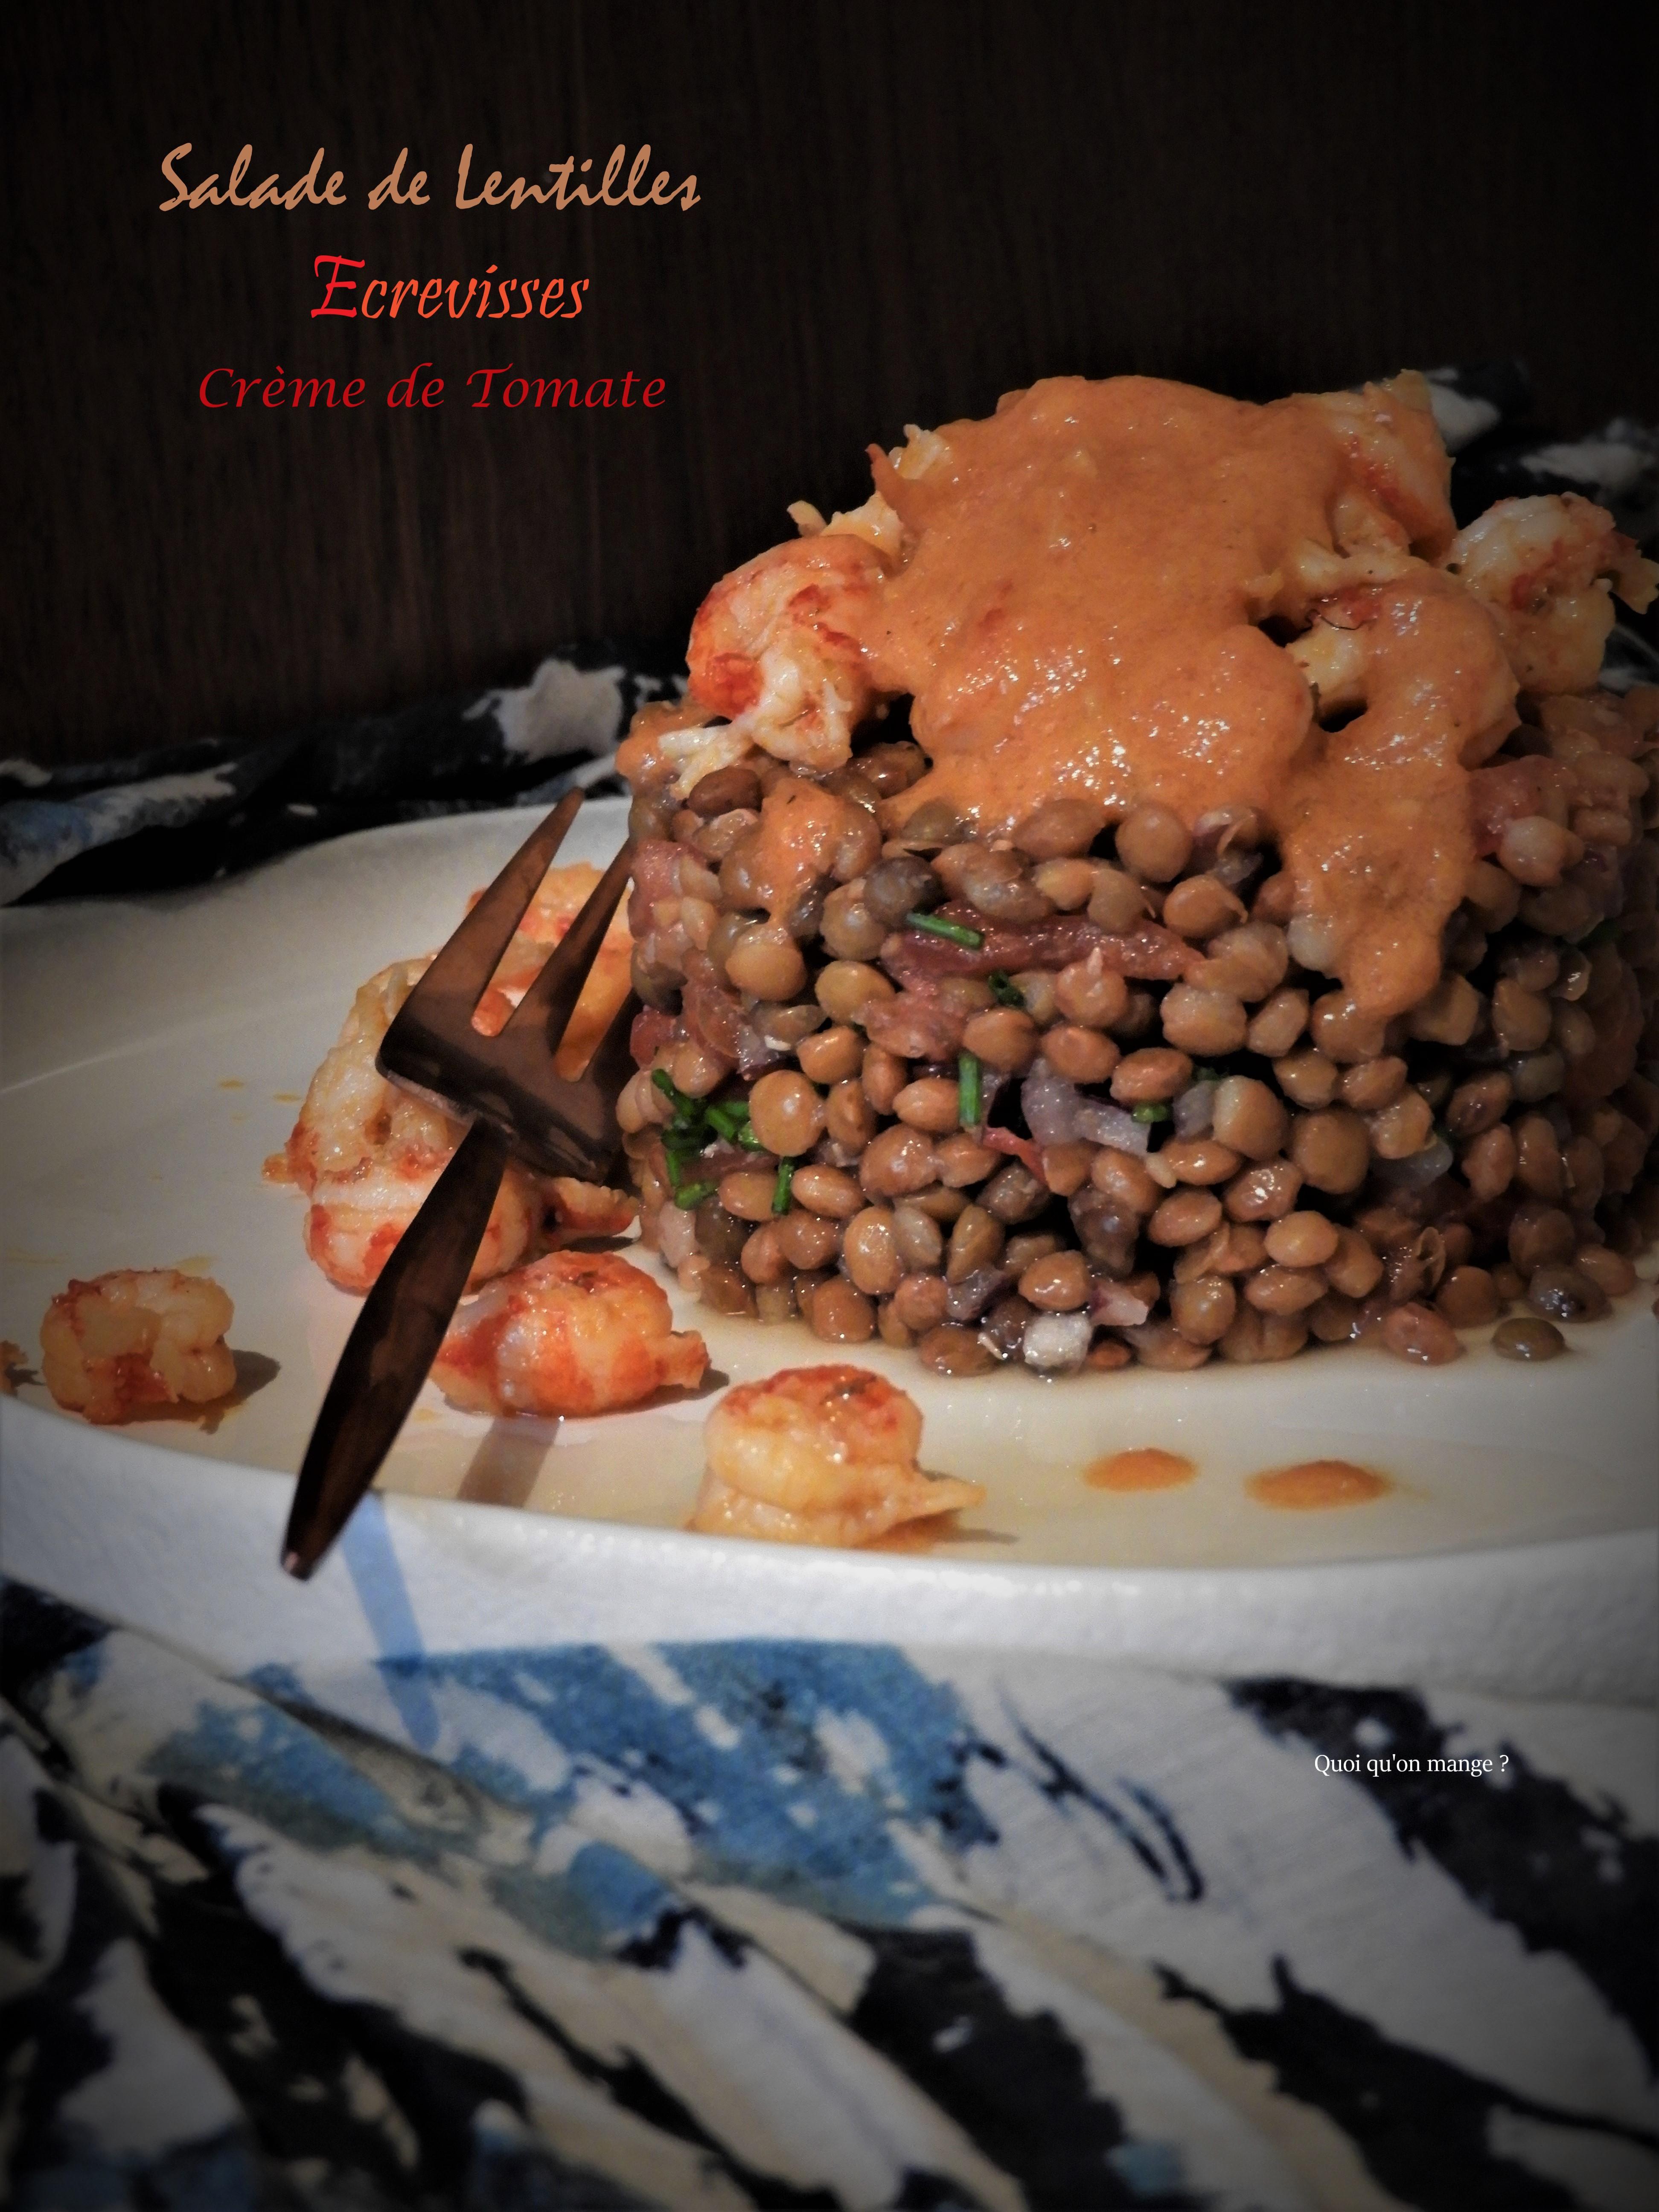 Salade de lentilles, écrevisses et crème de tomate